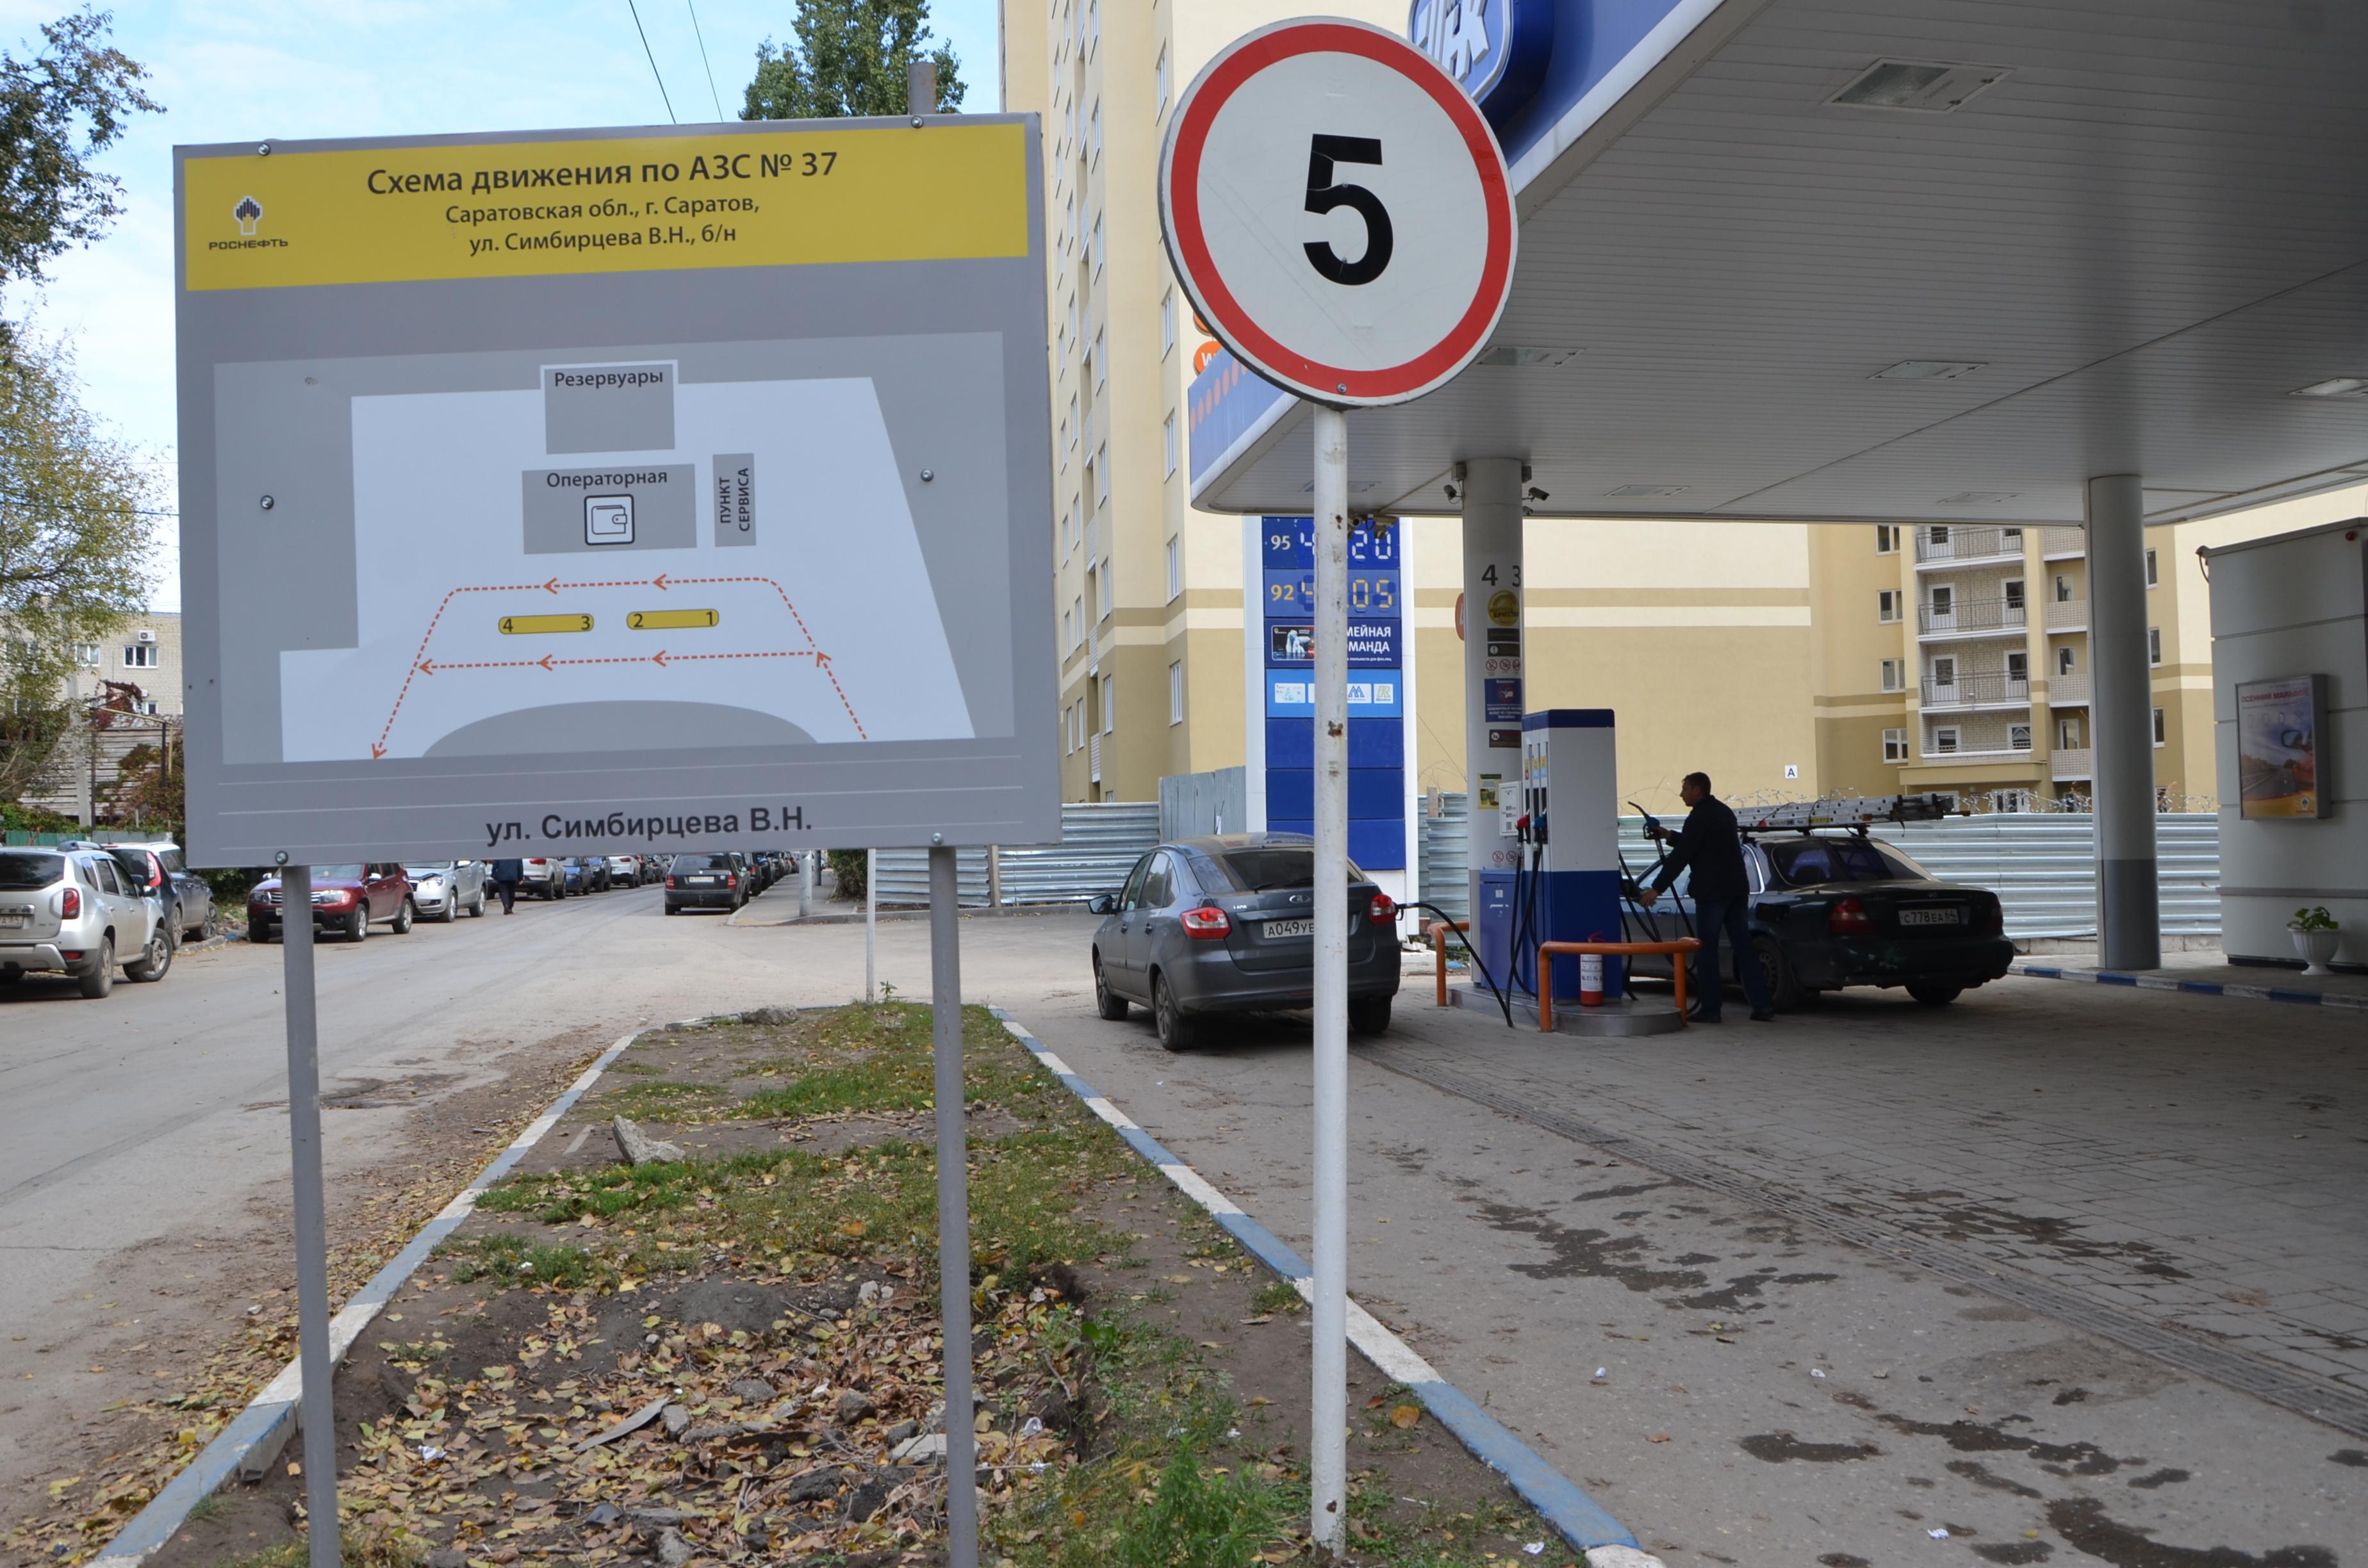 Общественники проверили соблюдение владельцами АЗС, автостоянок и автосервисов Правил благоустройства города